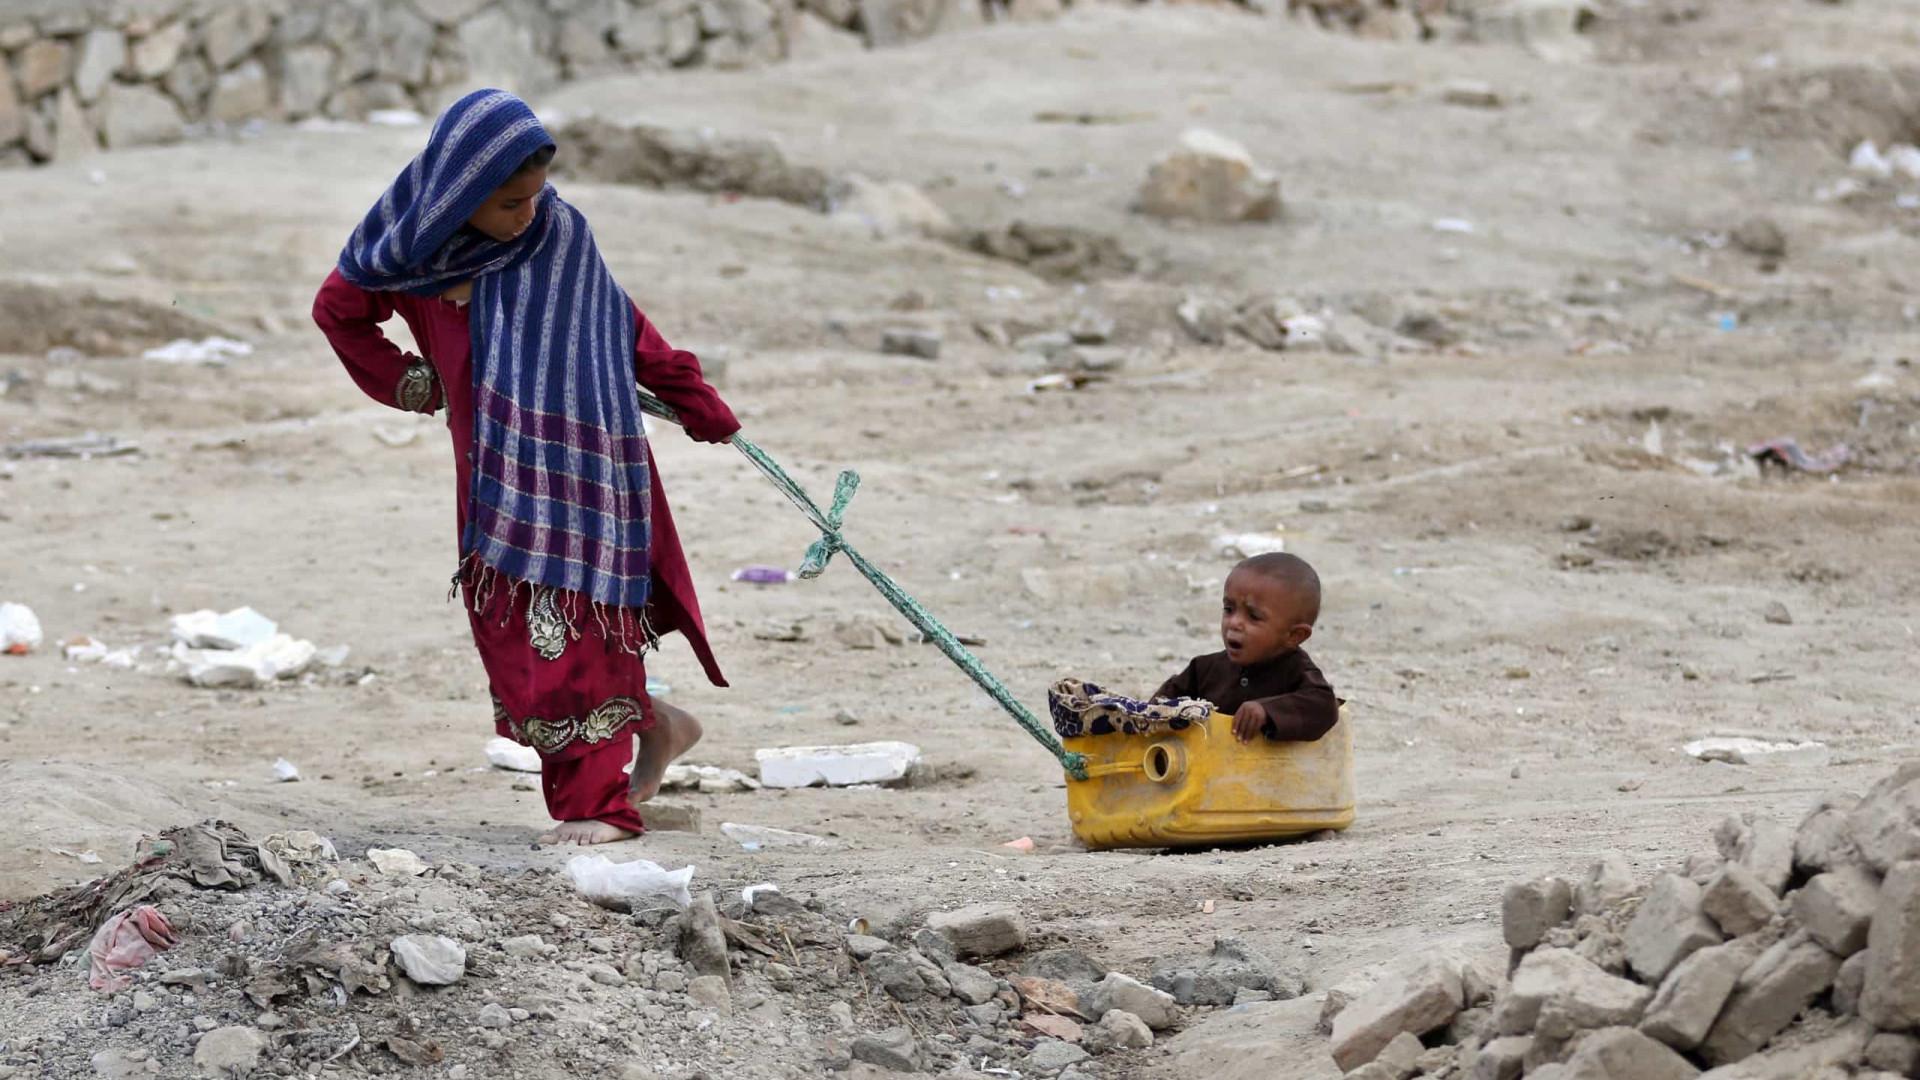 Crianças são quase metade dos deslocados internos no mundo